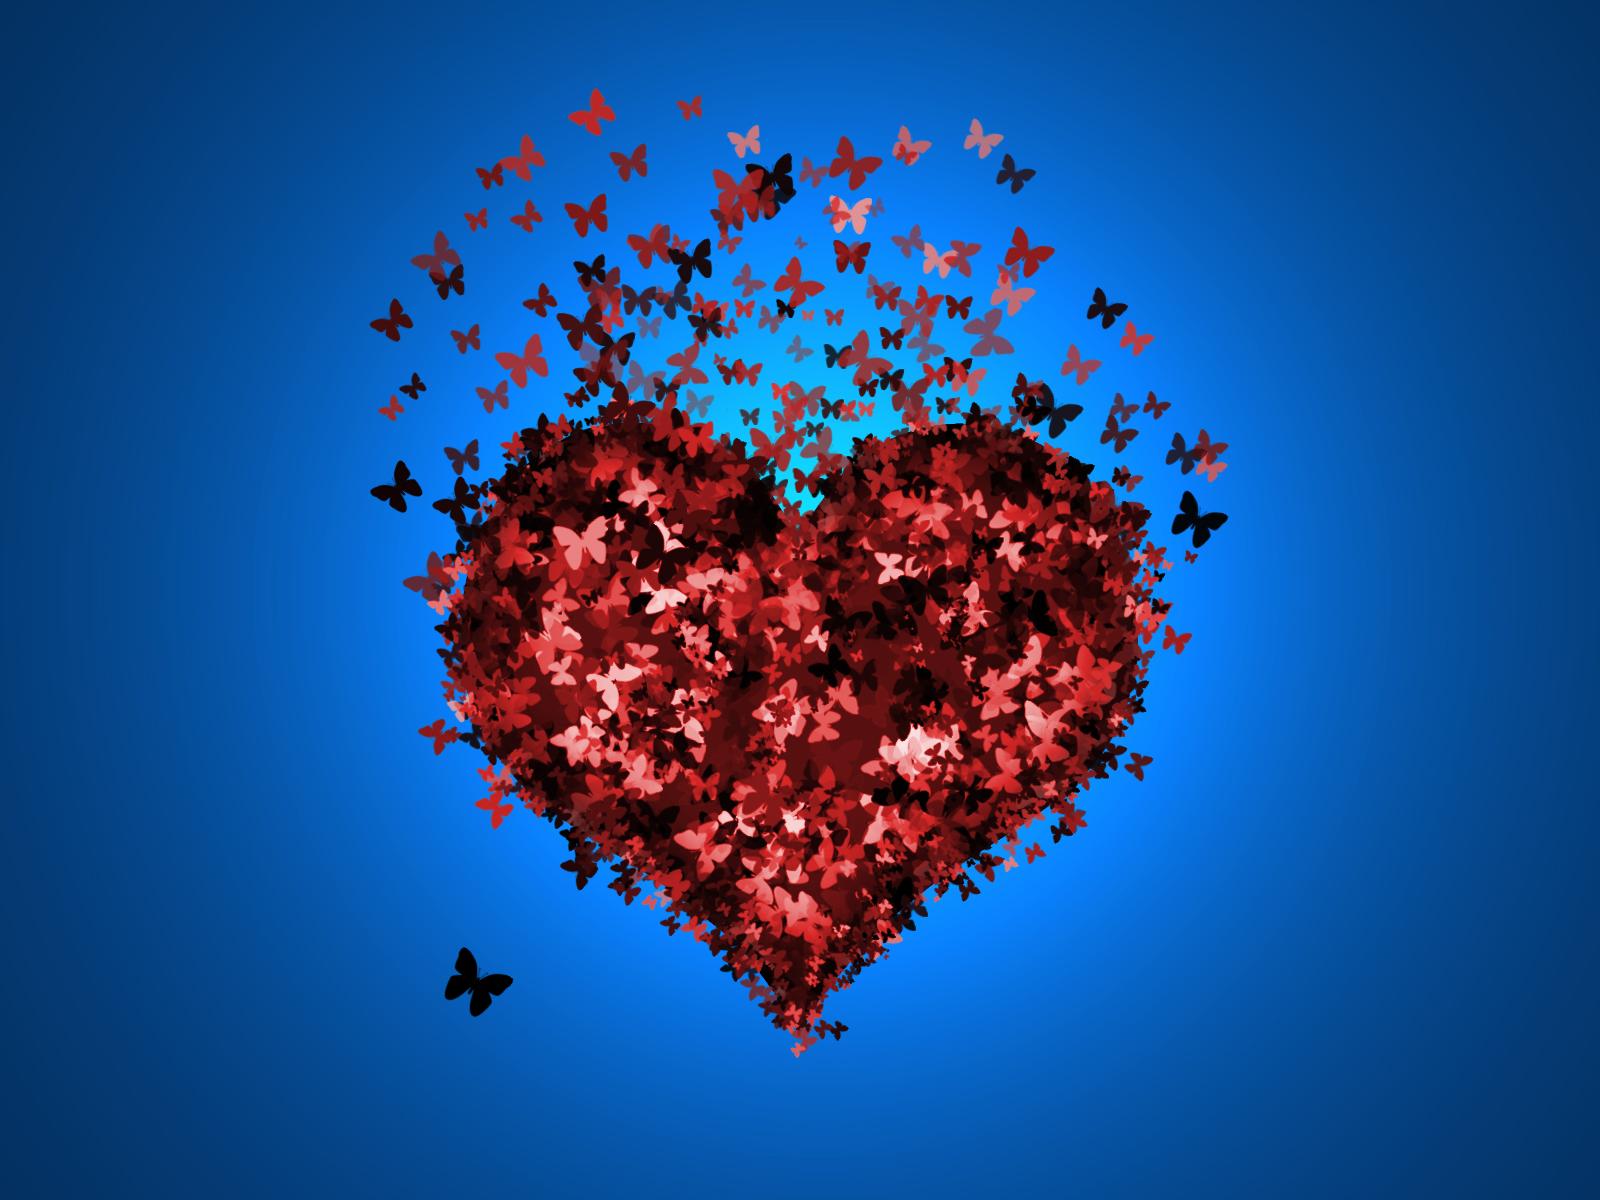 Сердце из бабочек открытка, день рождения